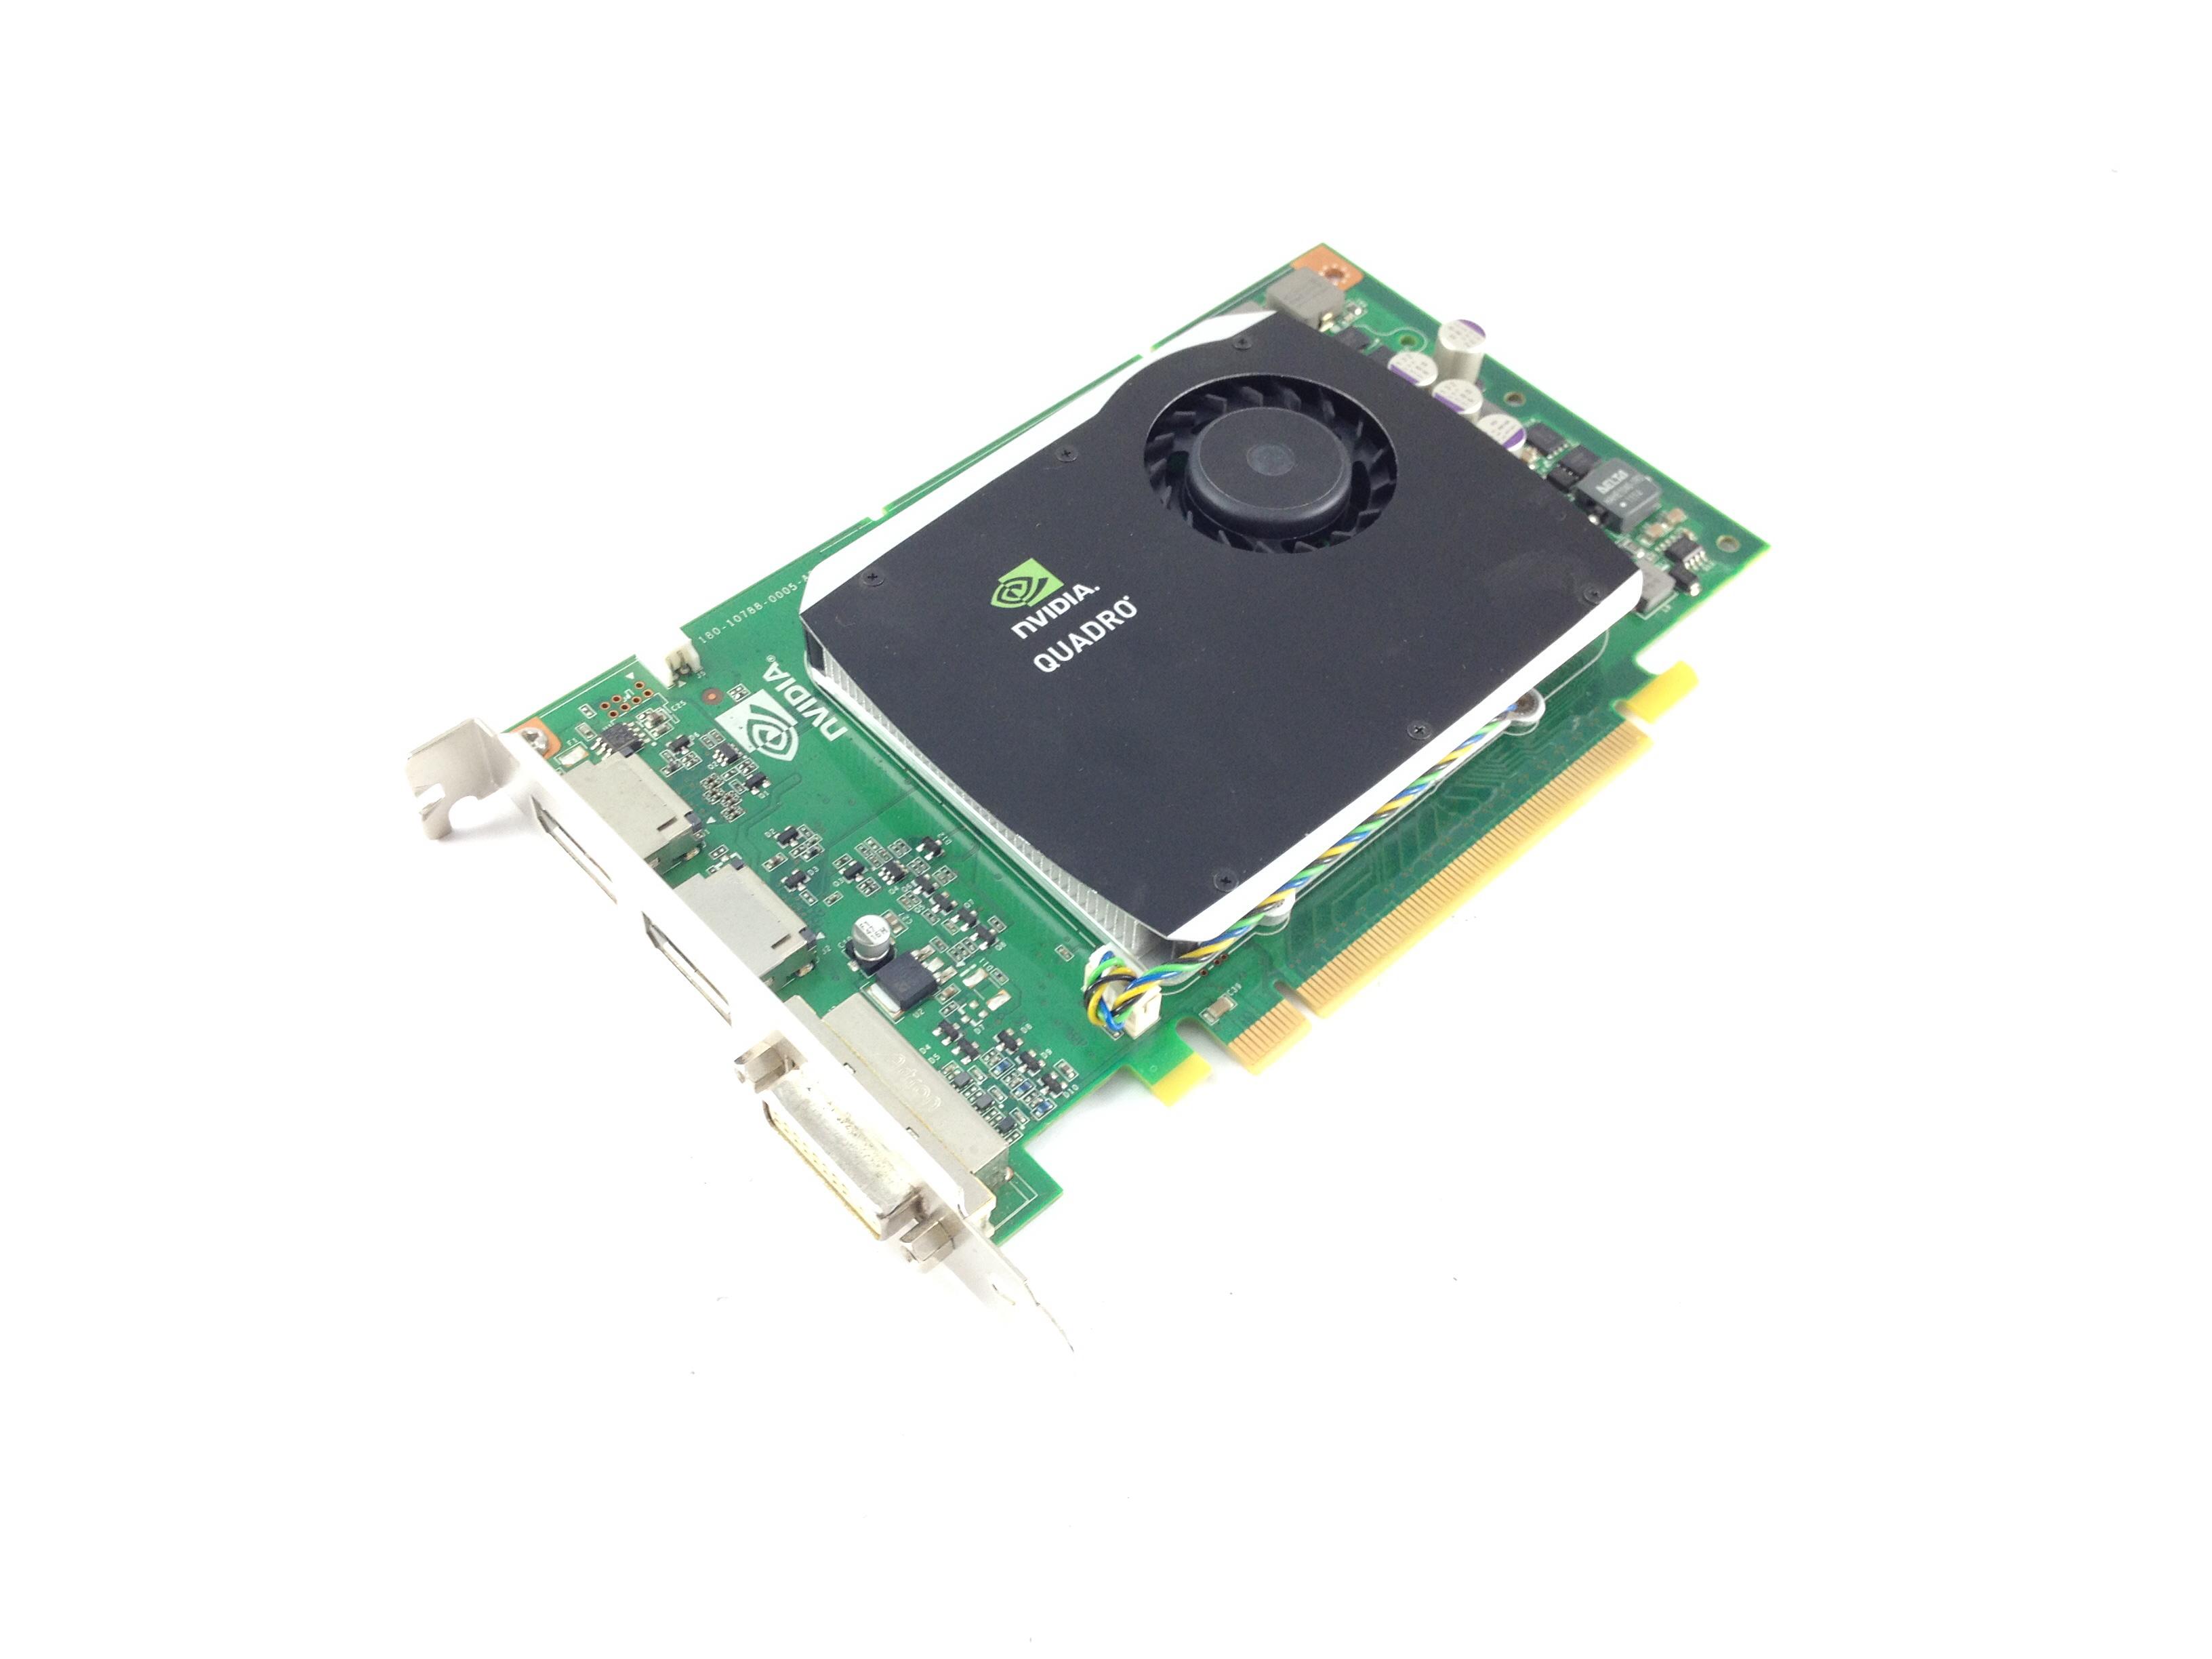 Pny Nvidia Quadro Fx 580 512MB Pci-E Graphics Adapter (VCQFX580-PCIE-T)